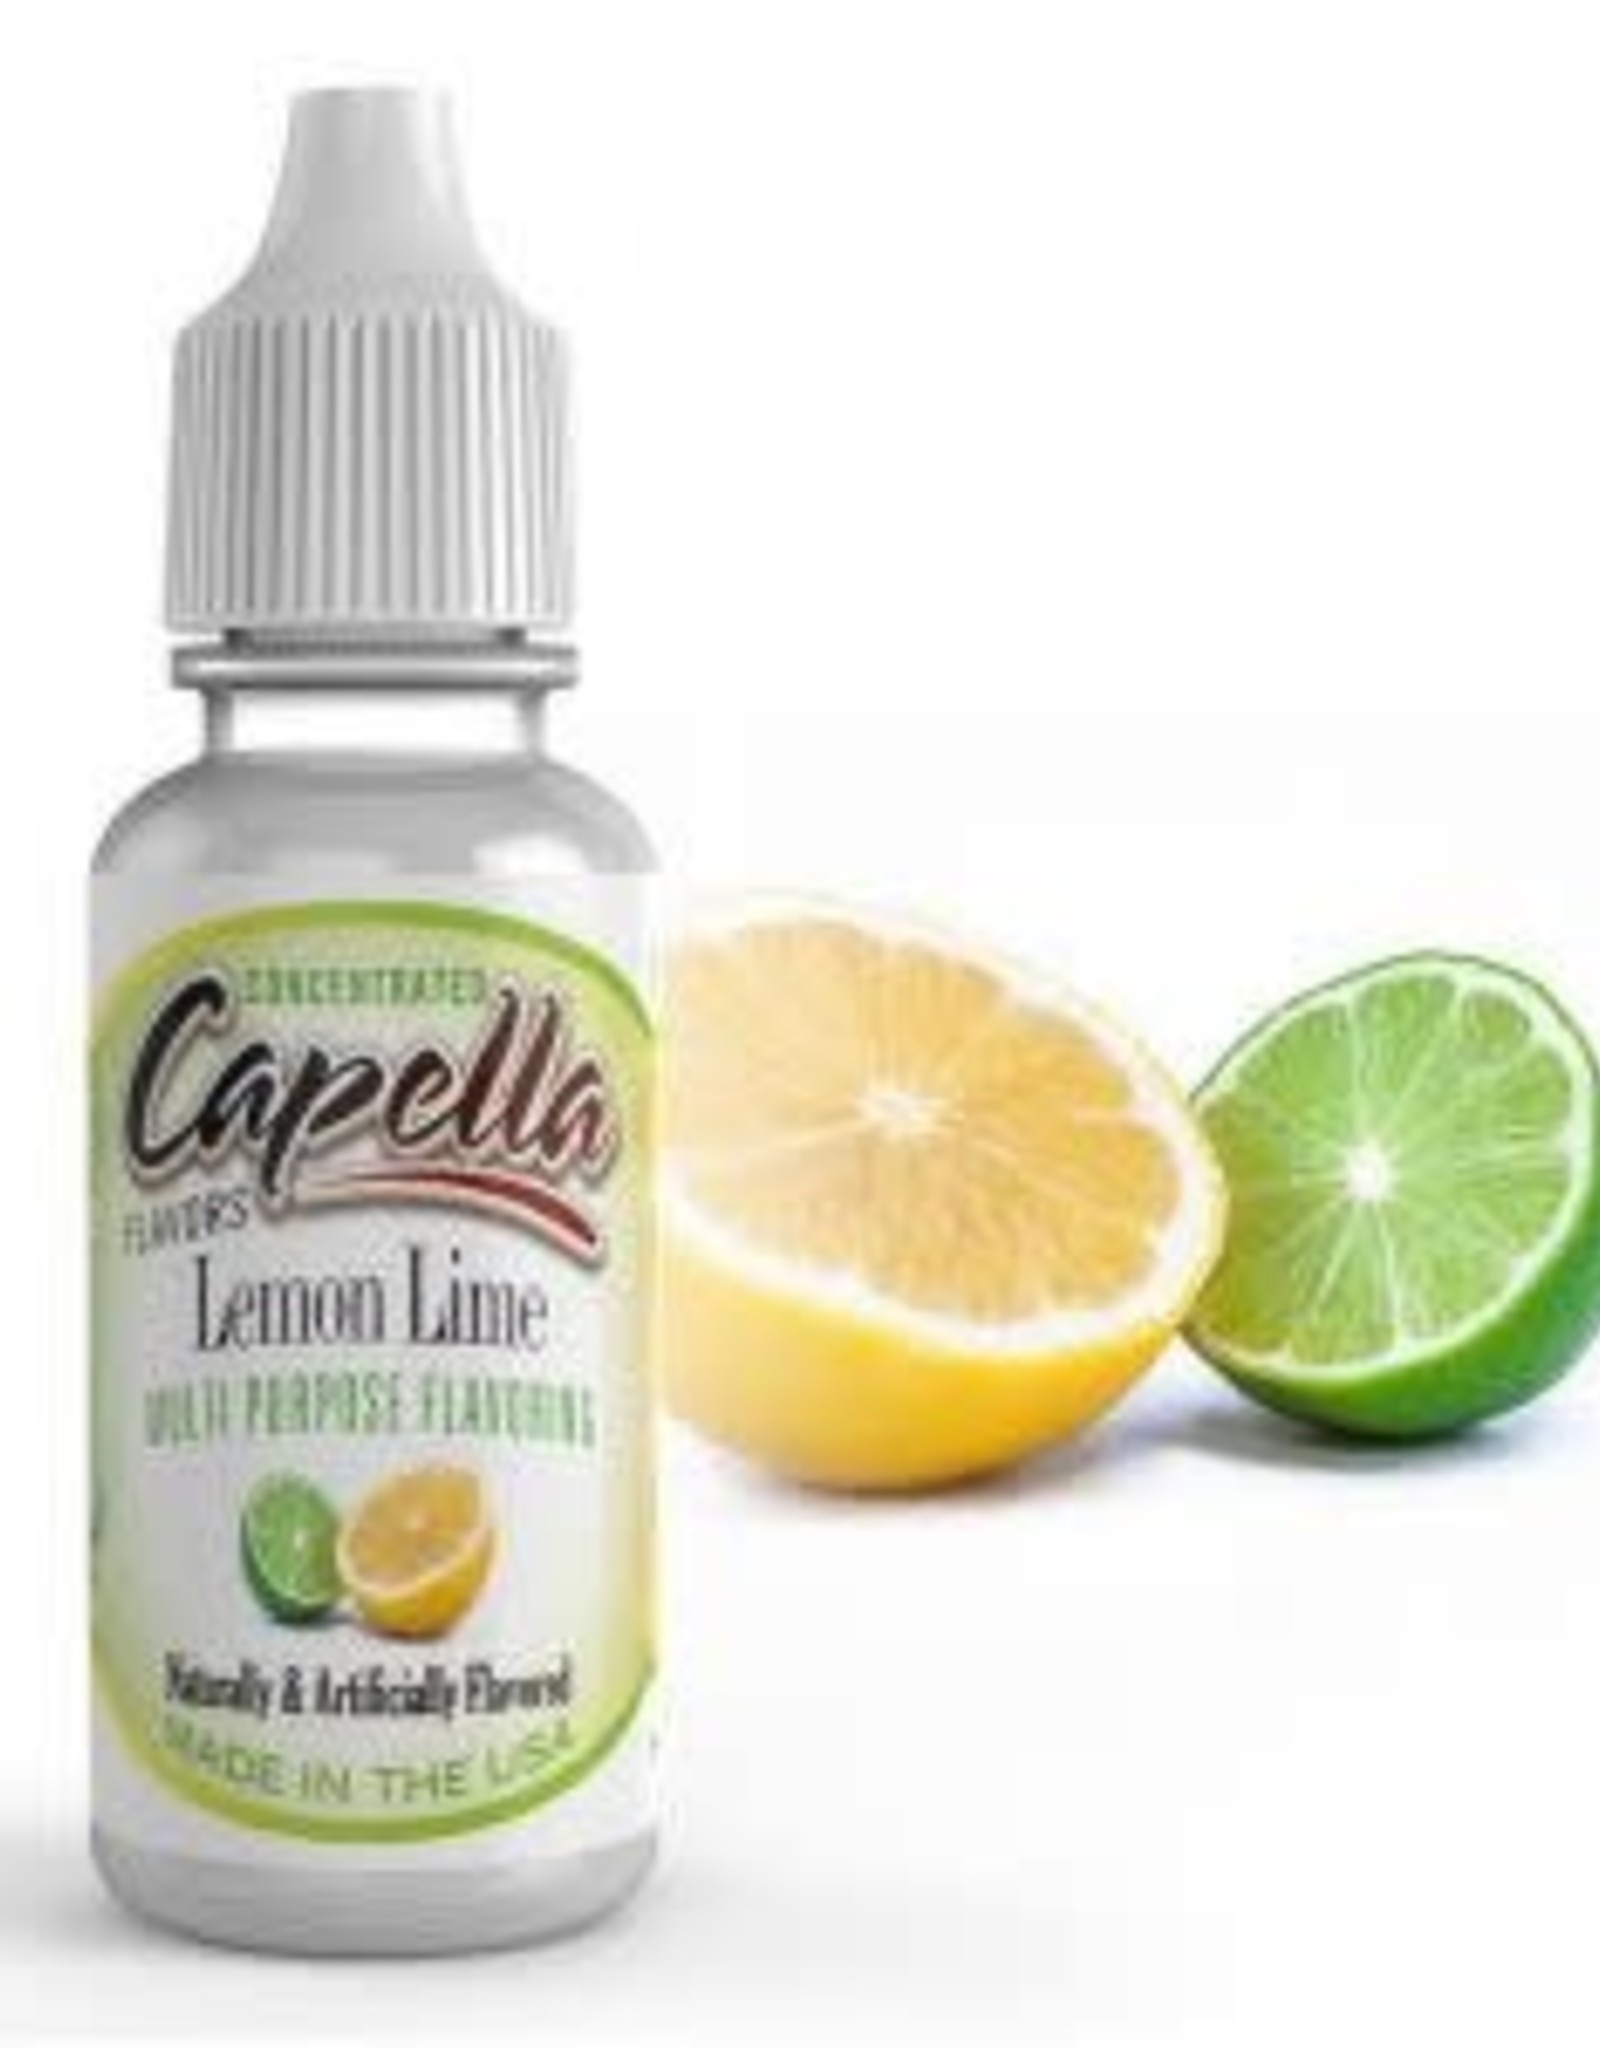 Capella Capella - Lemon Lime Aroma 13ml